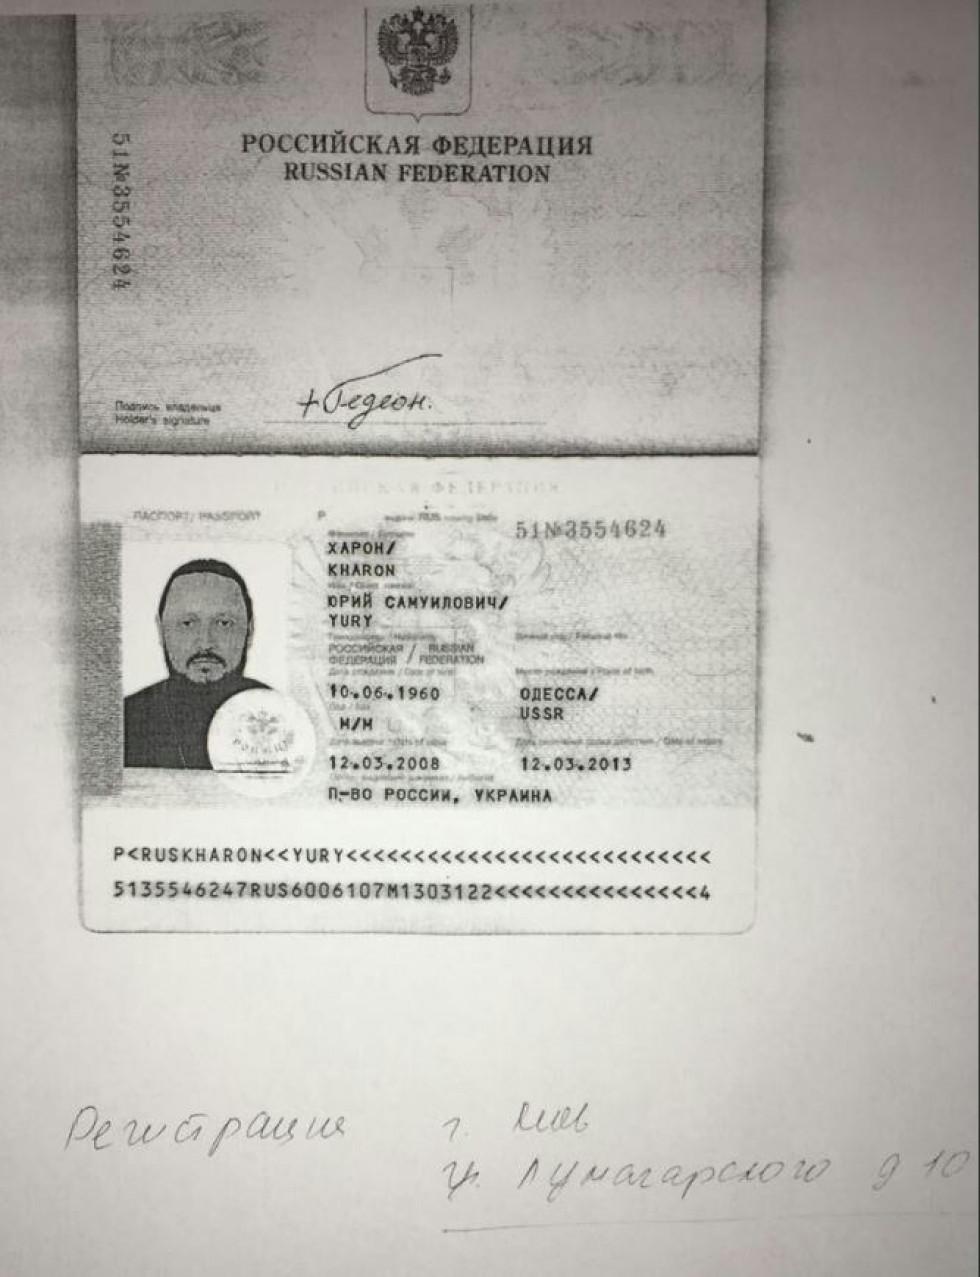 Закордонний паспорт Харону видали у ФР